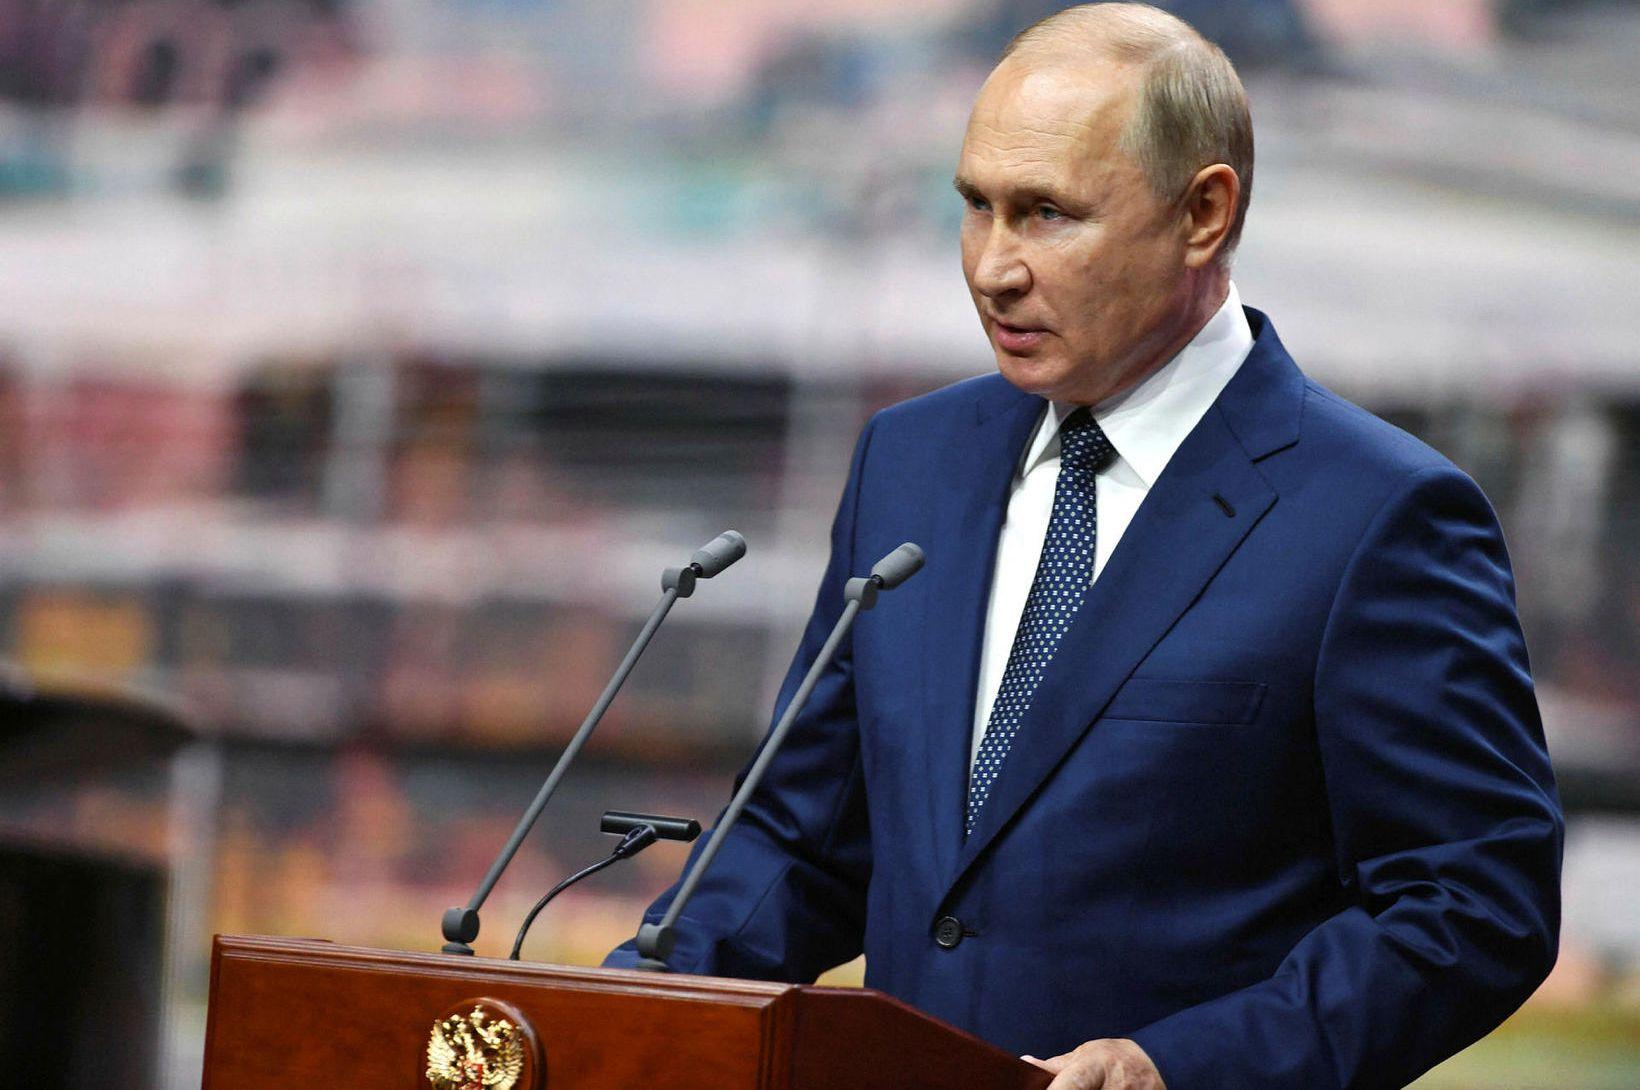 Pútín í sóttkví vegna smits innan Kremlar